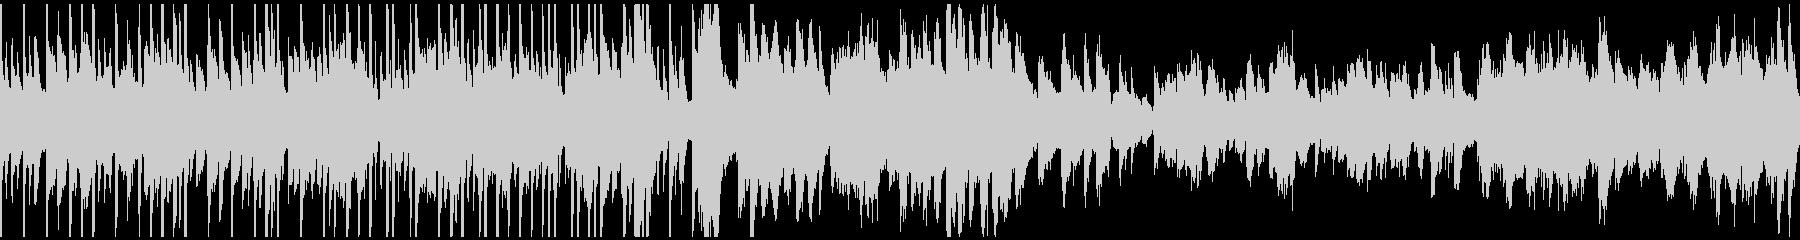 回想BGM02(ループ仕様)の未再生の波形